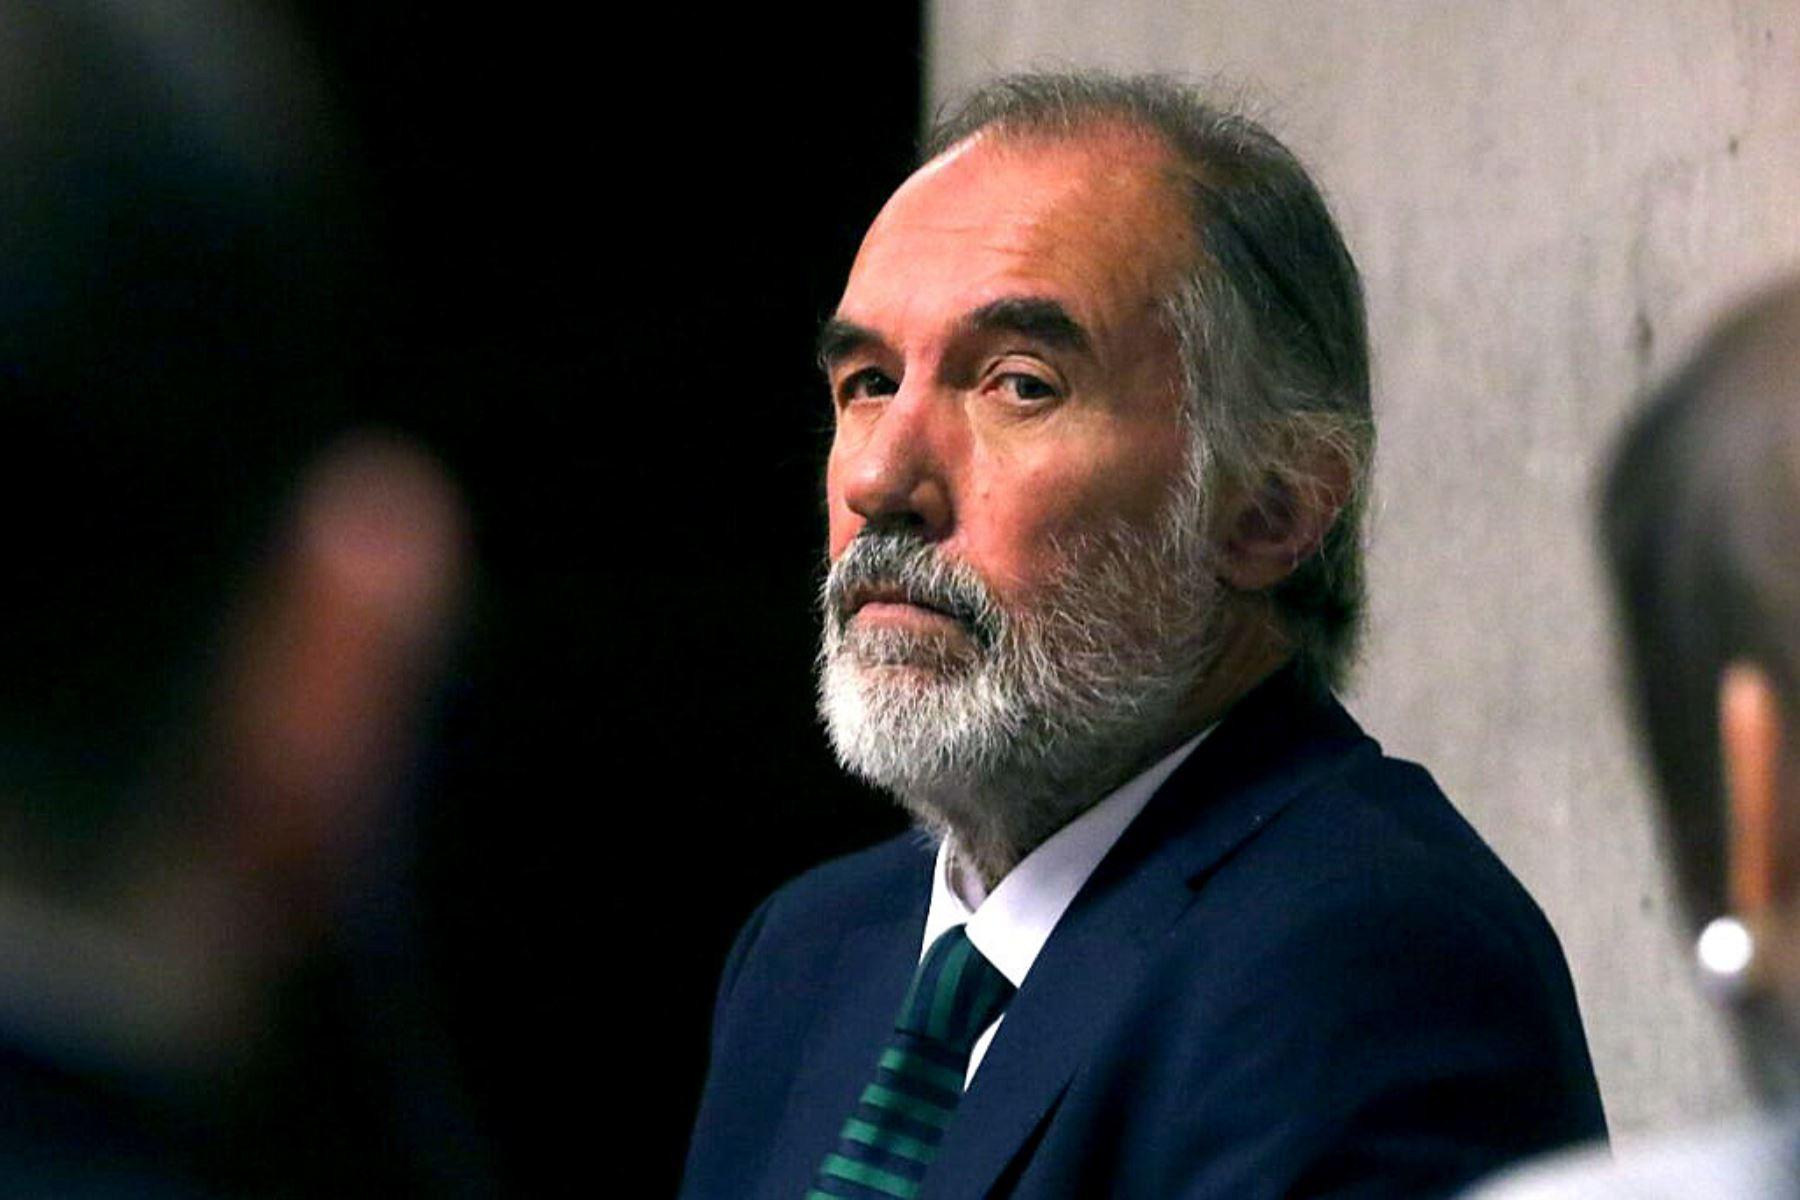 El exsenador fue hallado culpable de recibir dinero el 2013 del entonces gerente de la empresa Corpesca -la mayor pesquera de Chile- a cambio de favorecerla durante la tramitación de una nueva ley de pesca. Foto: AFP.